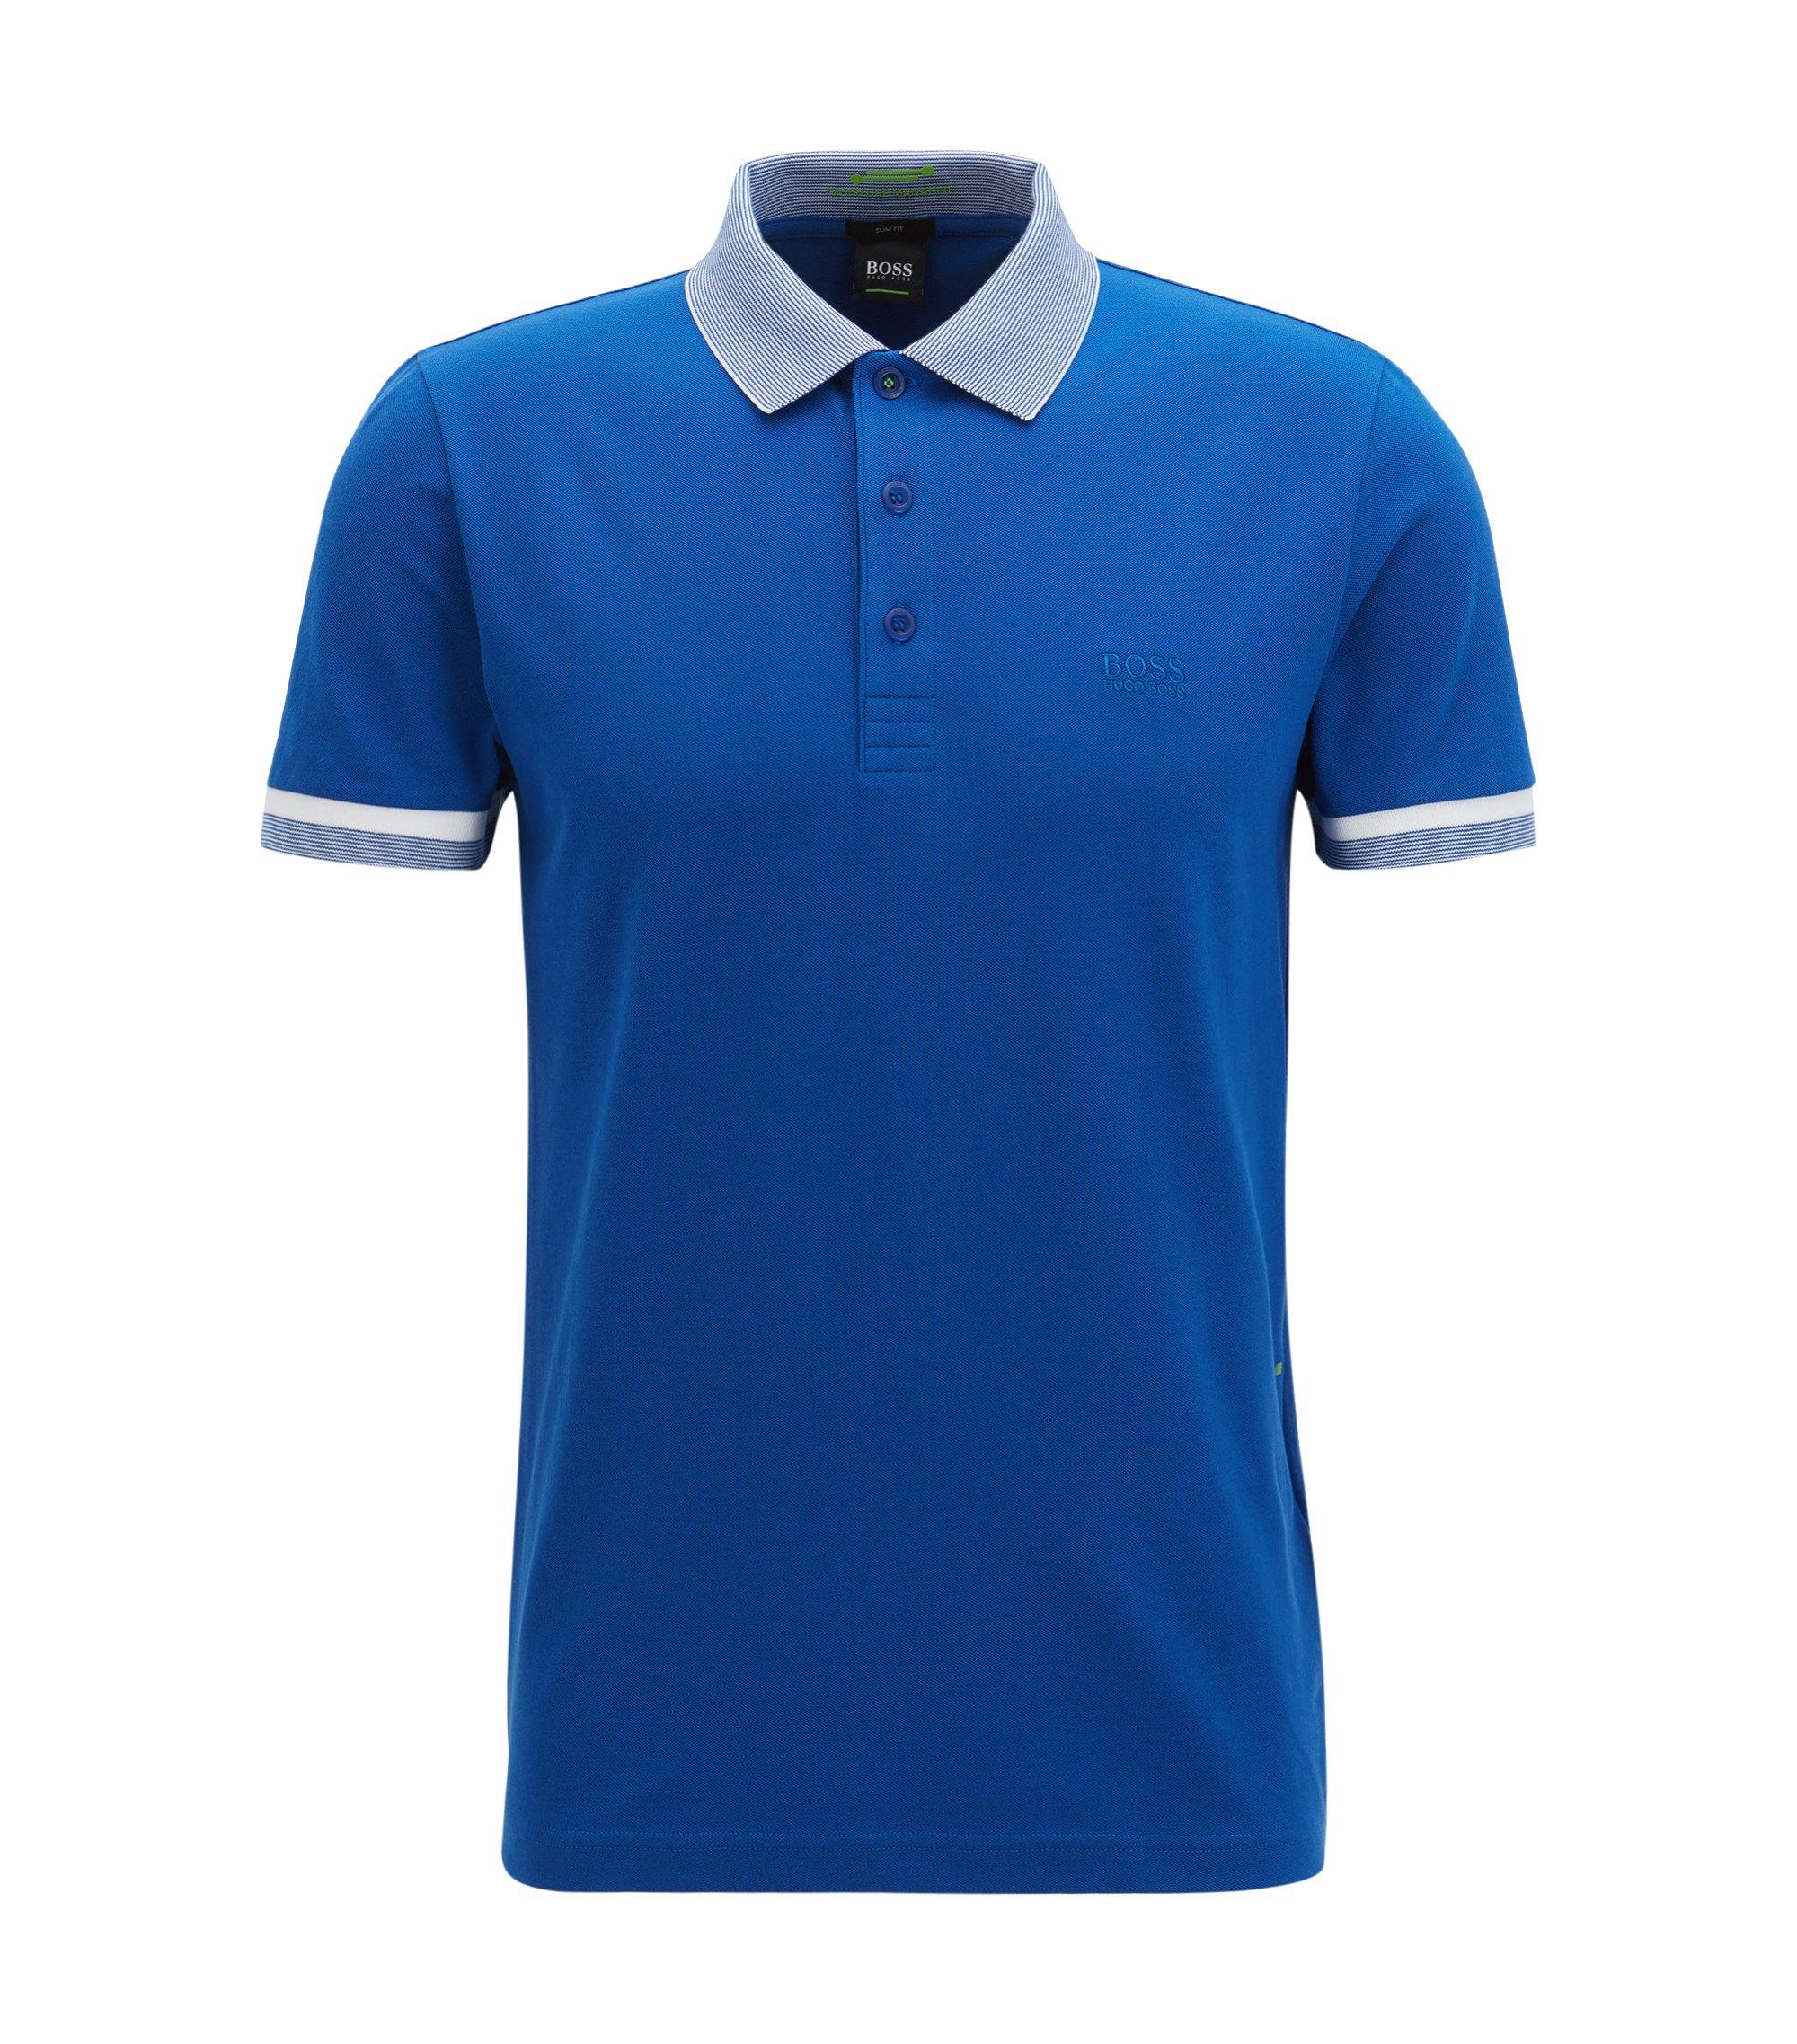 Slim-Fit Poloshirt aus elastischem Baumwoll-Mix mit S.Café®-Technologie, Blau